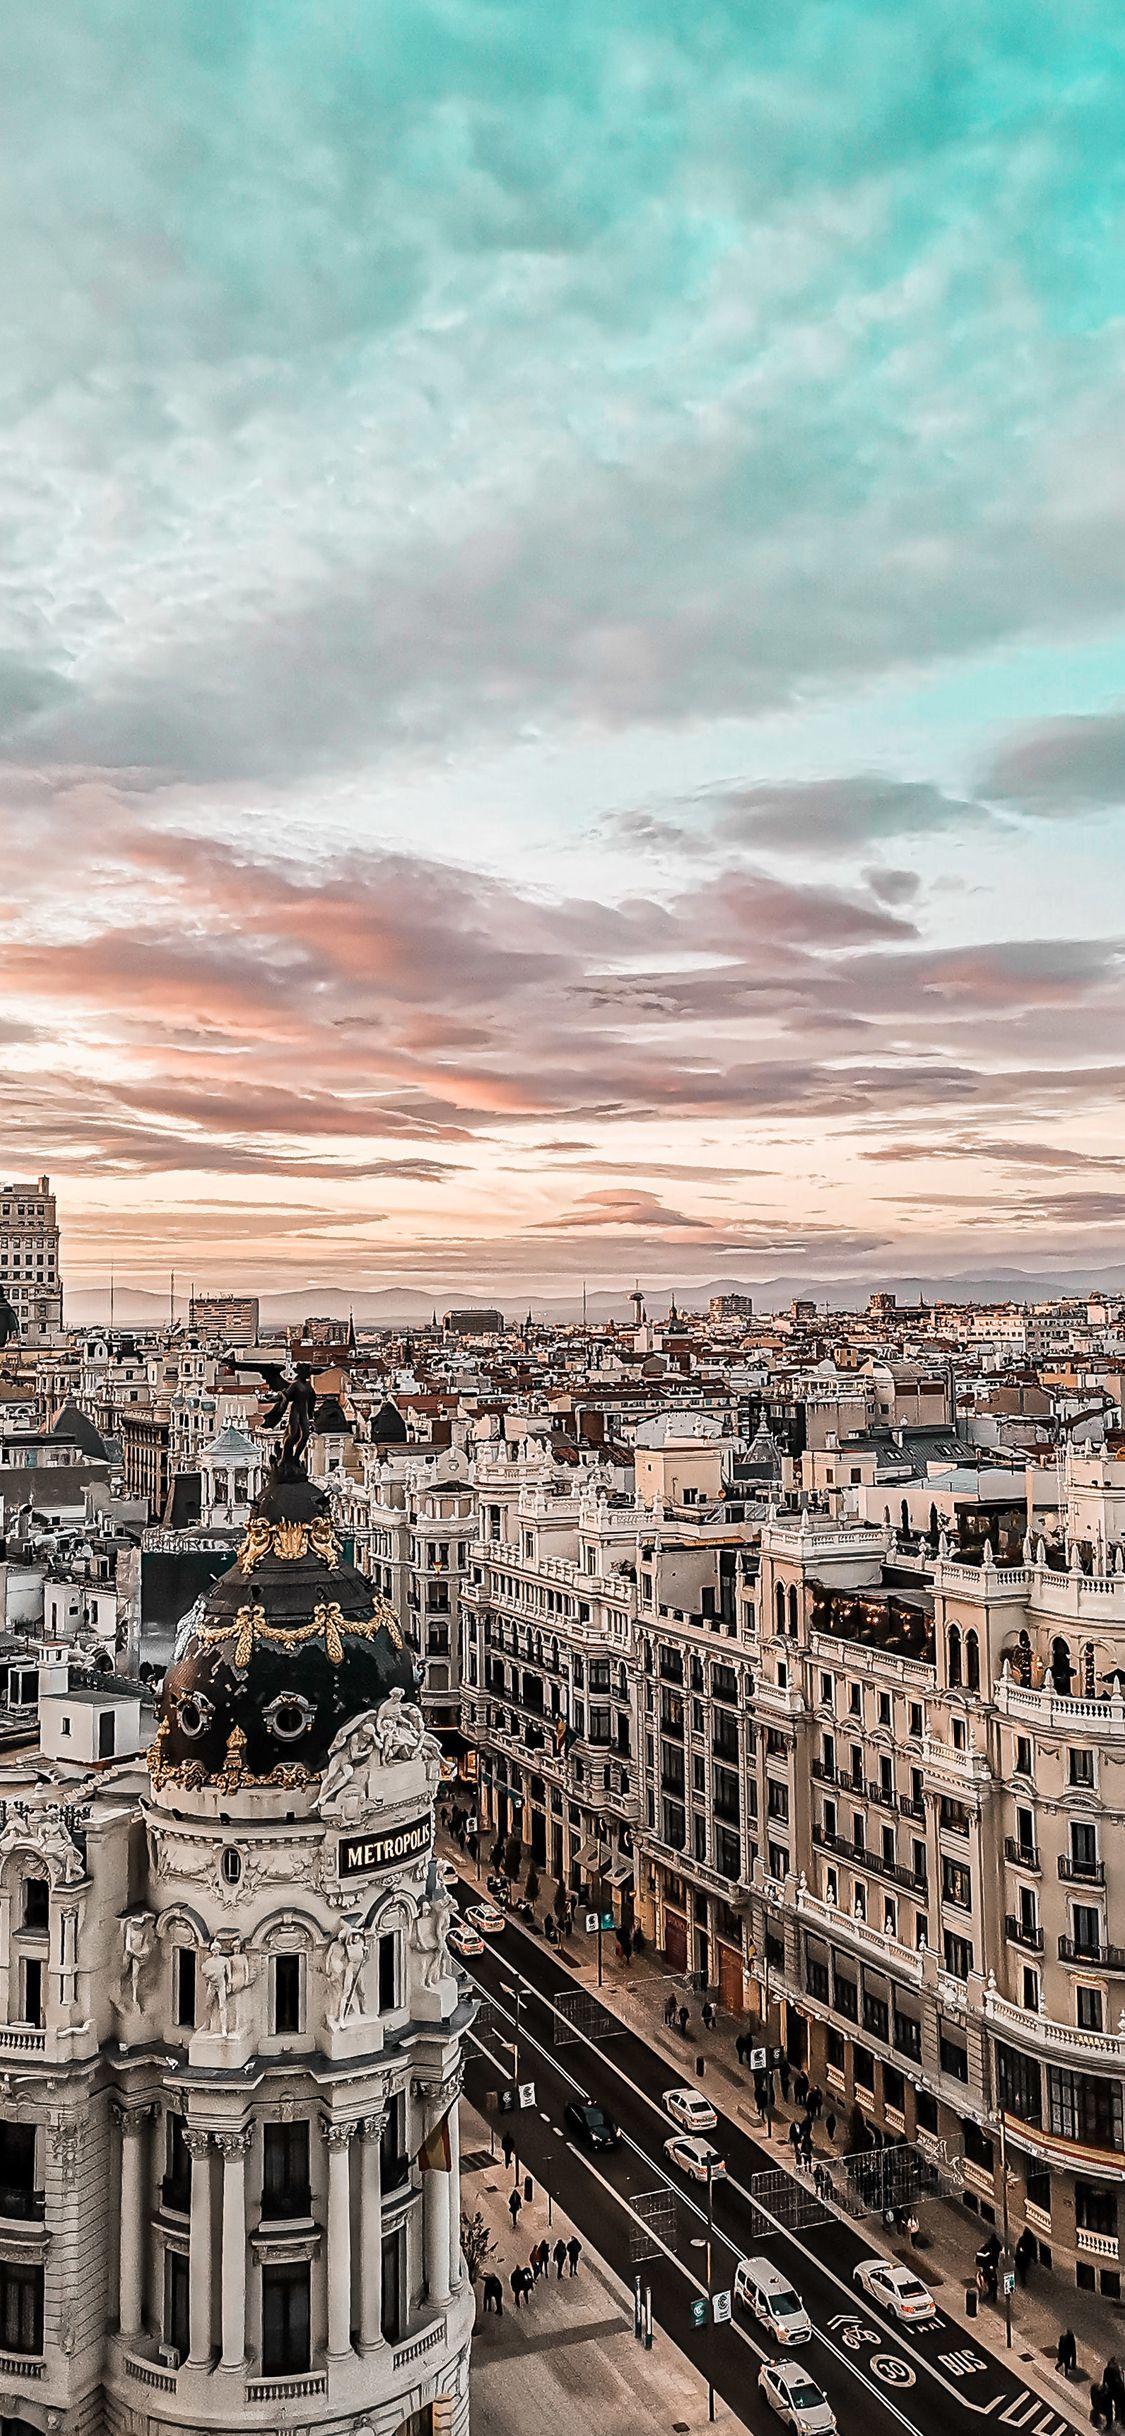 Himmel über Metropole | Handy Hintergrundbild Himmel über Metropole | Handy Hintergrundbild Julia Siebert juliasiebert97 Handy Hintergrundbilder Freu Dich auf Deinen nächsten Städtetrip &; mit unserem[…]  #Handy #Himmel #Hintergrundbild #Metropole #Phone backgrounds nature sky #über